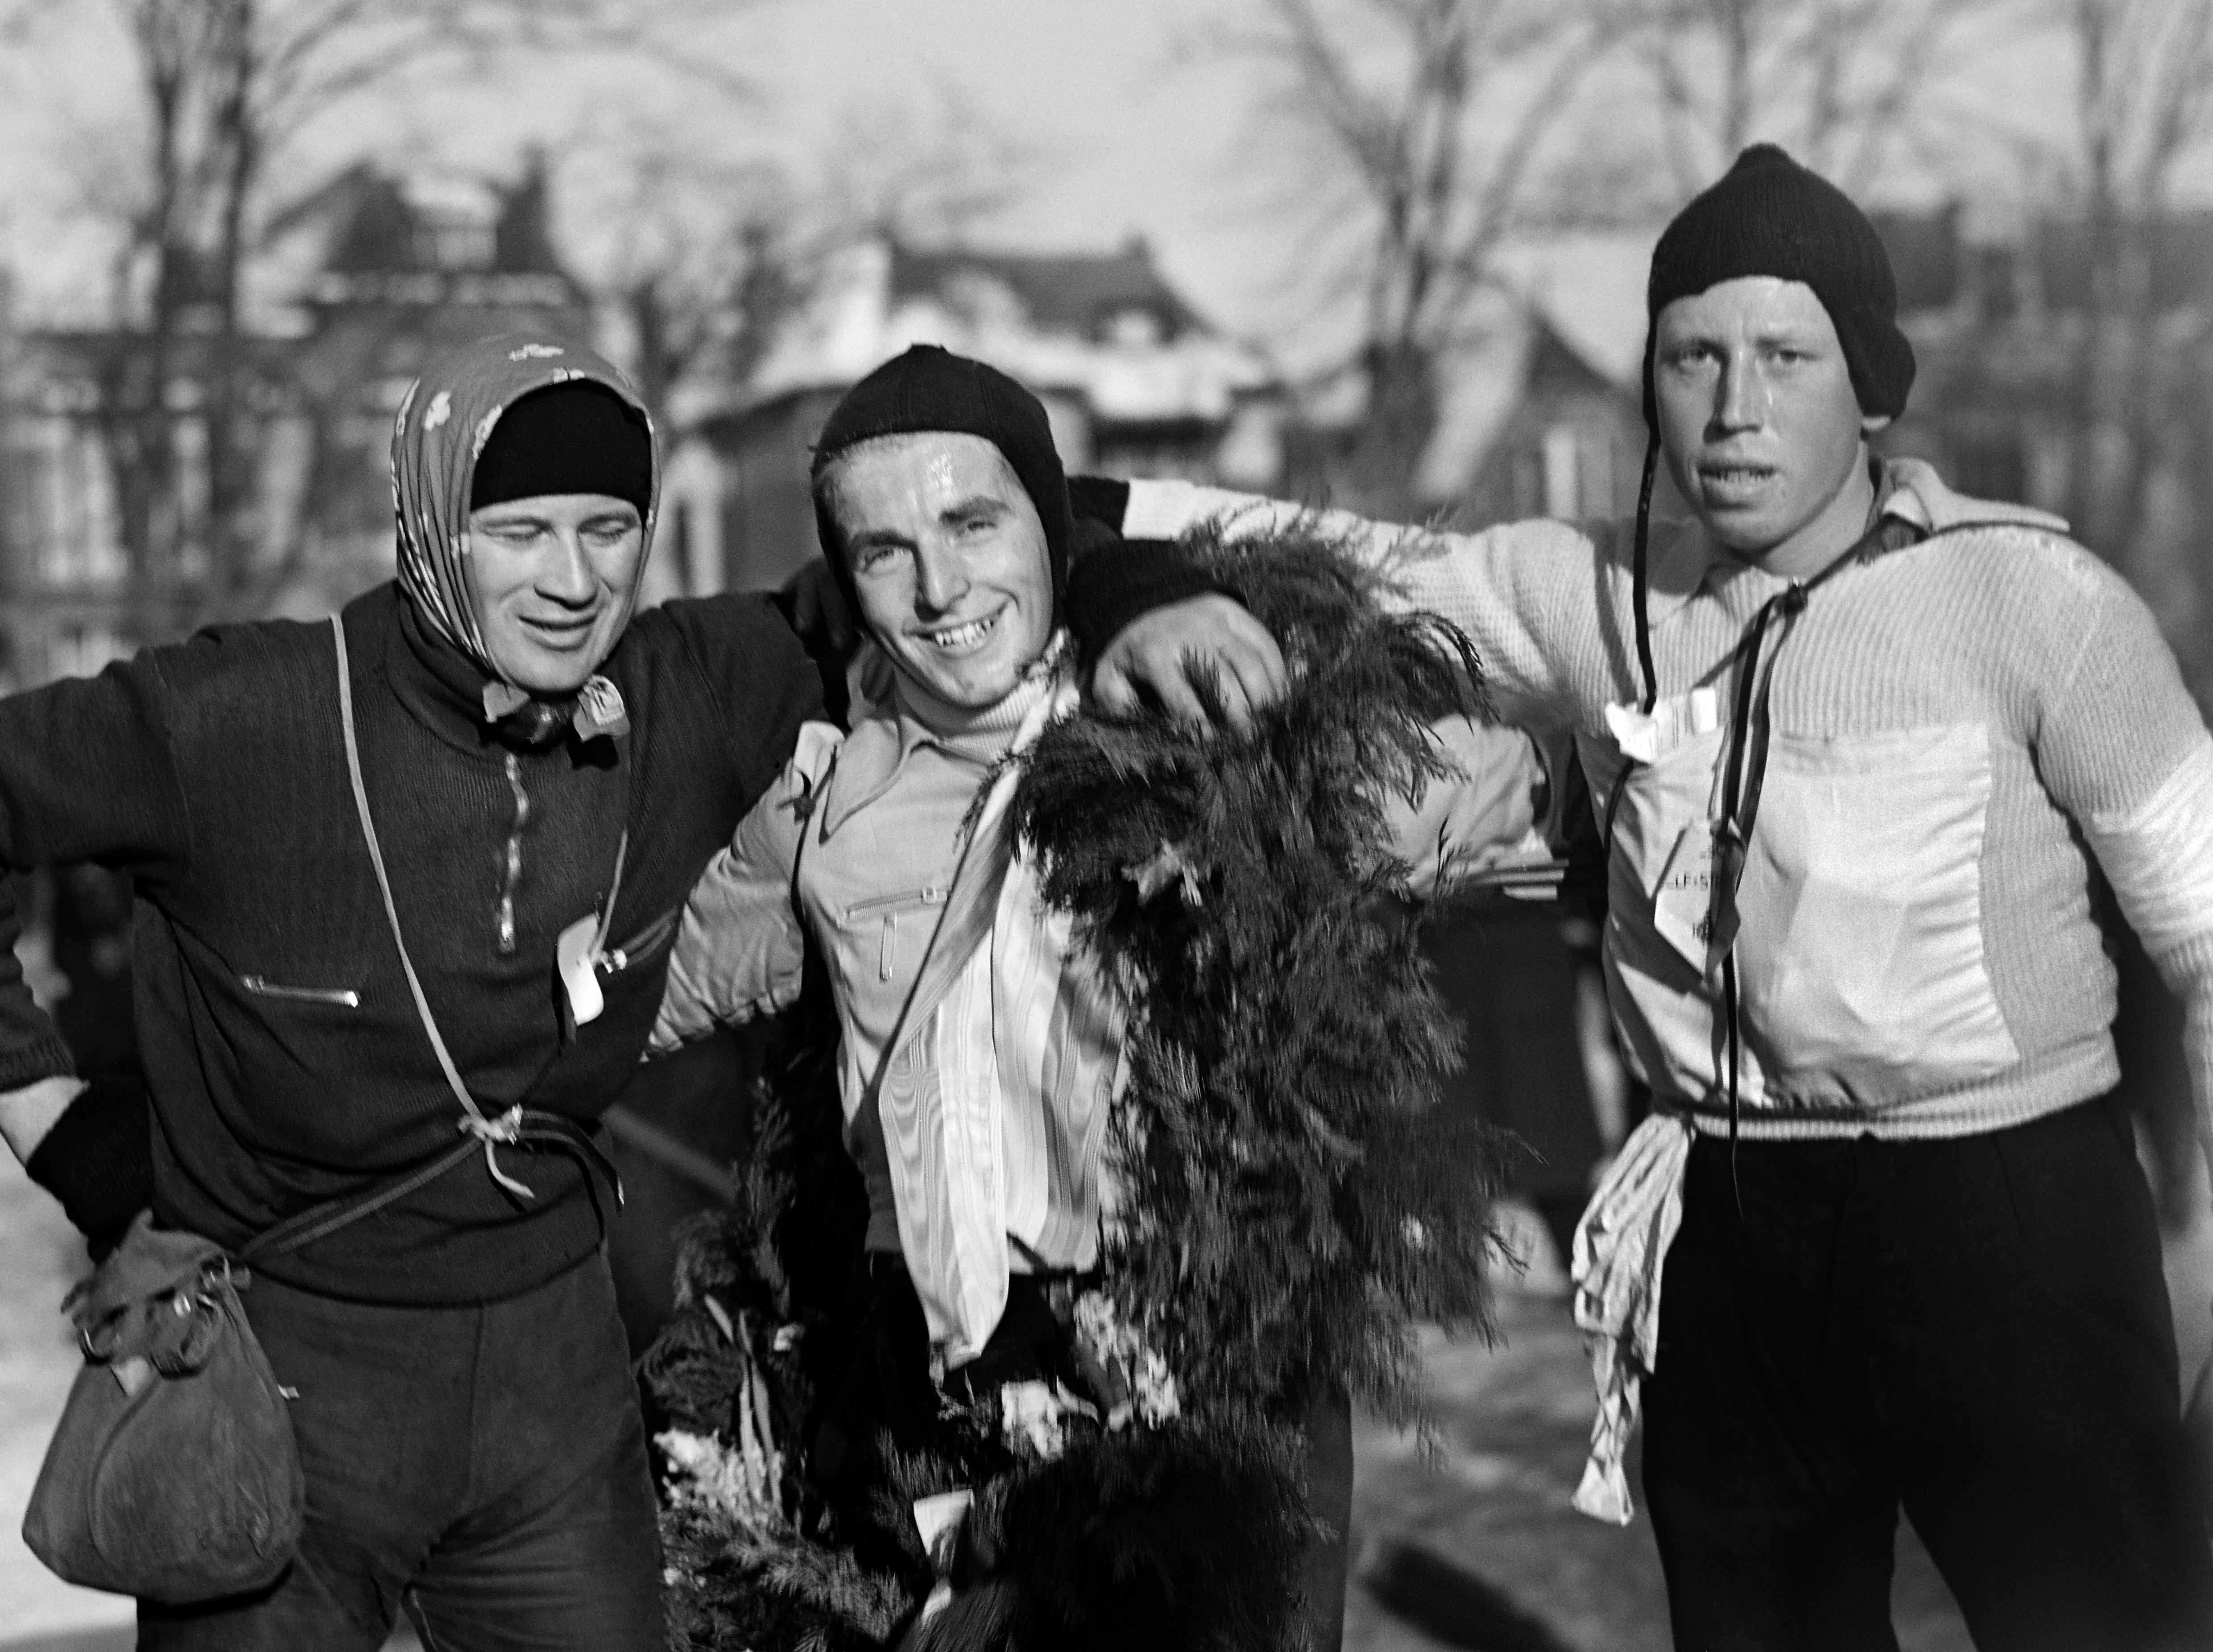 Tikkie terug: op 22 januari 1942 werd voor de derde keer de Elfstedentocht op rij verreden [video]